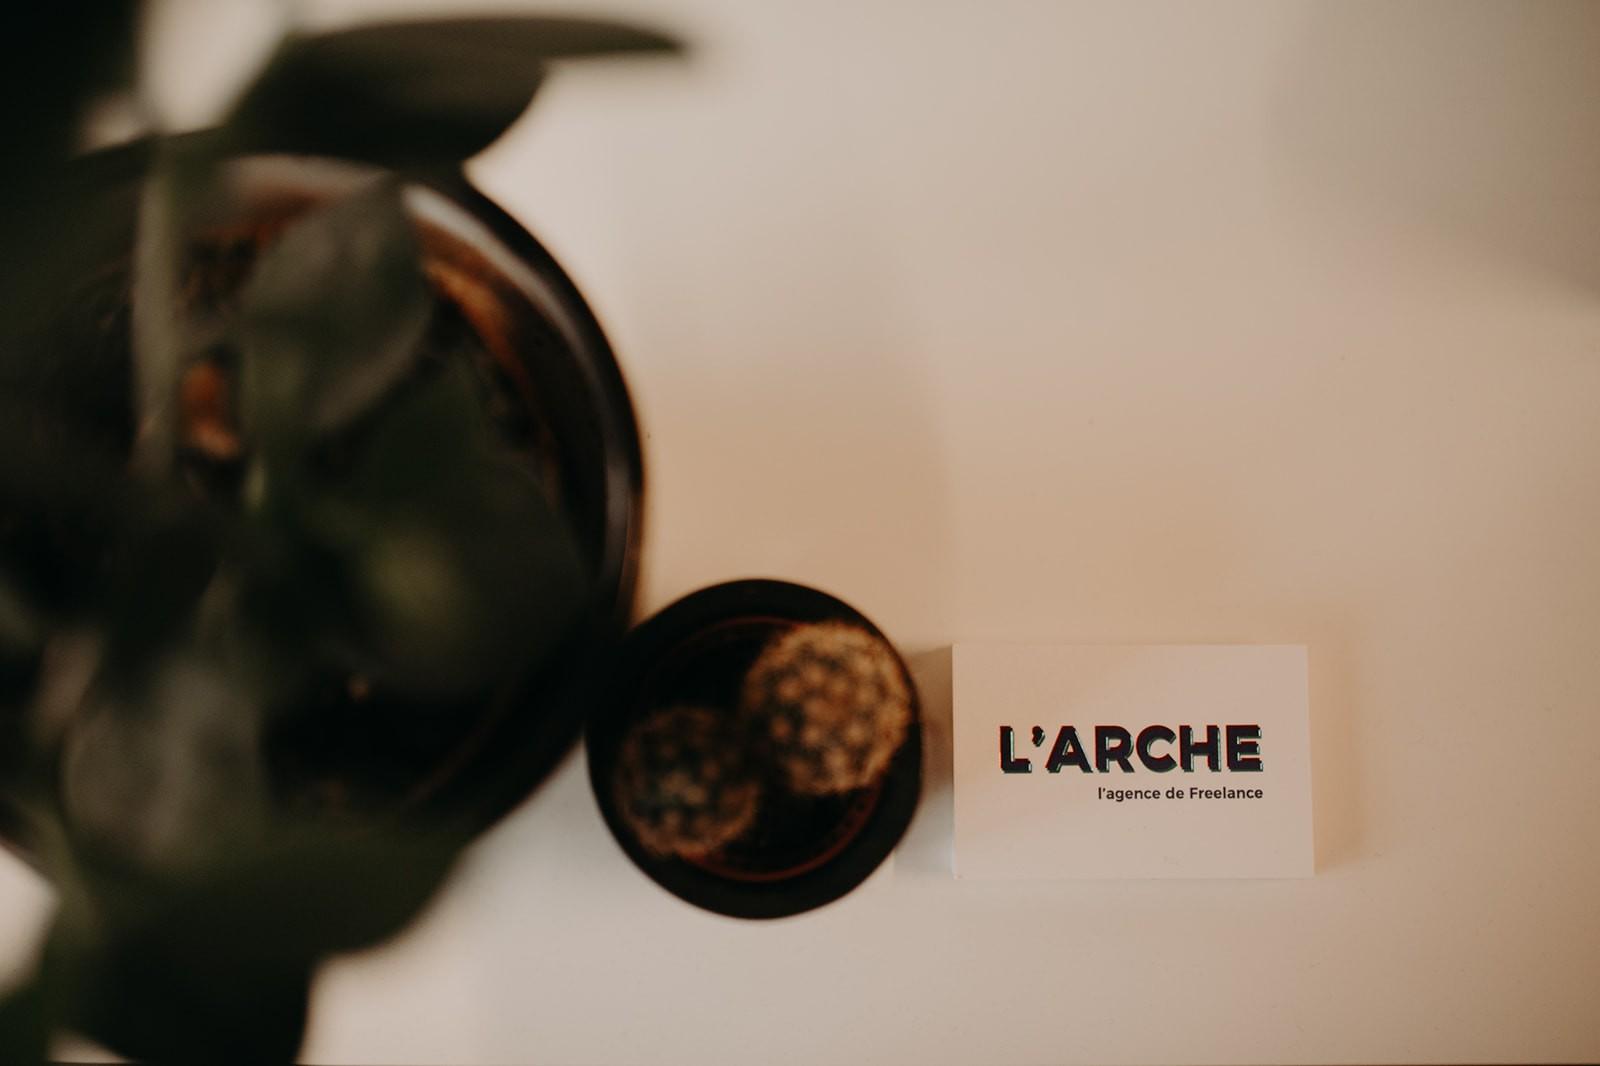 C'est quoi l'Arche? C'est une communauté d'entraide pour les freelances auto-entrepreneurs.